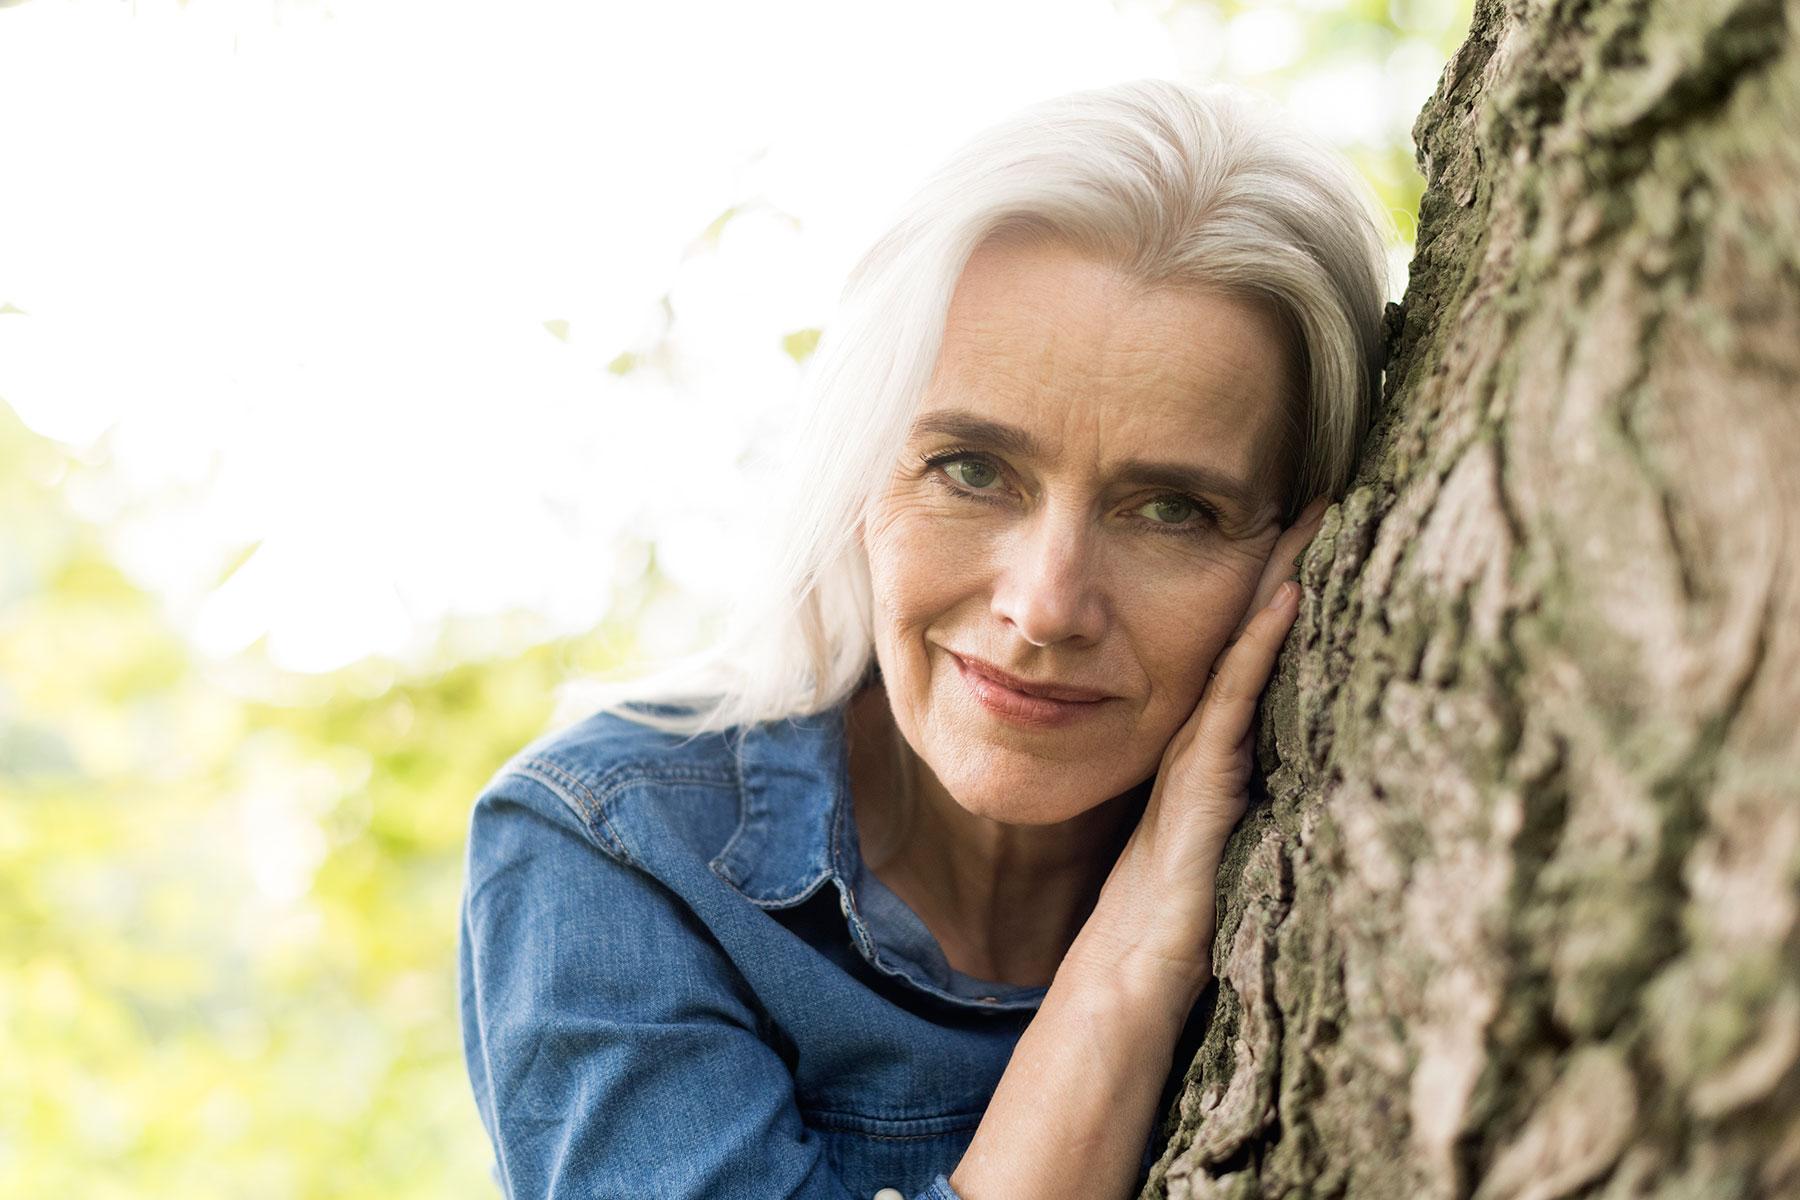 Portraitfoto einer Frau am Baum in Dortmund